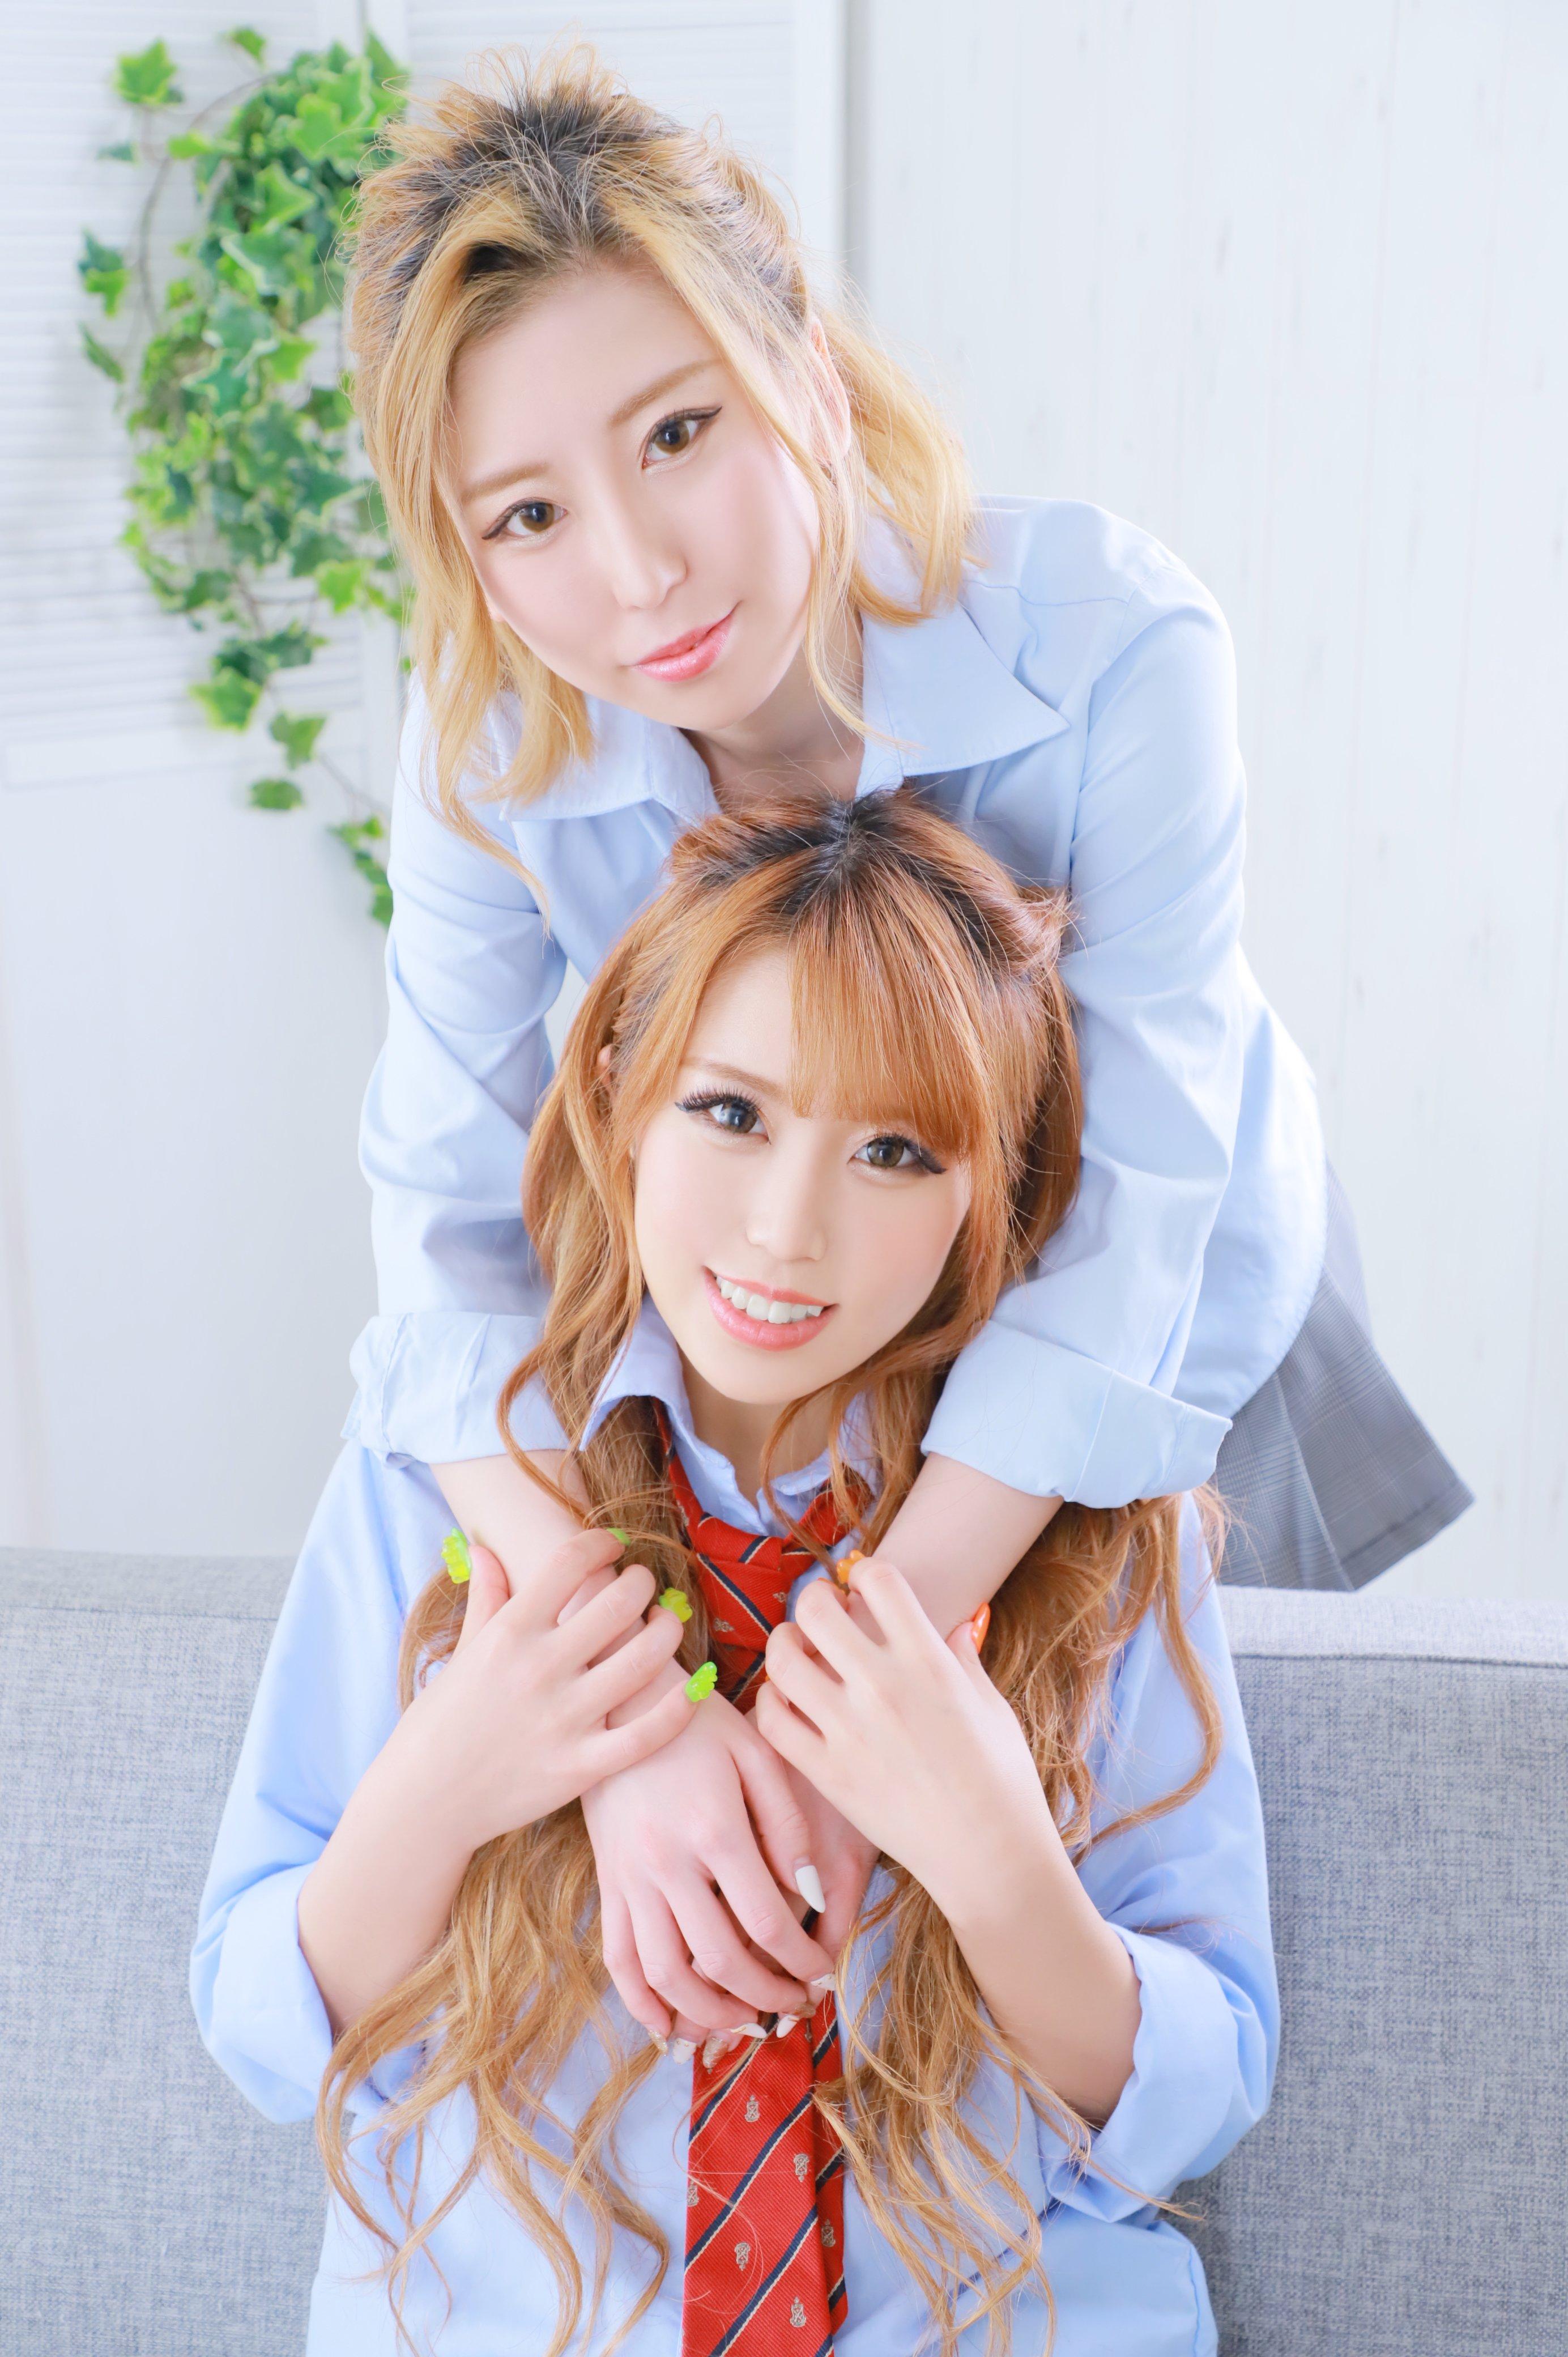 【グラビア】池袋『chocolate kiss』の最強姉妹を激写!